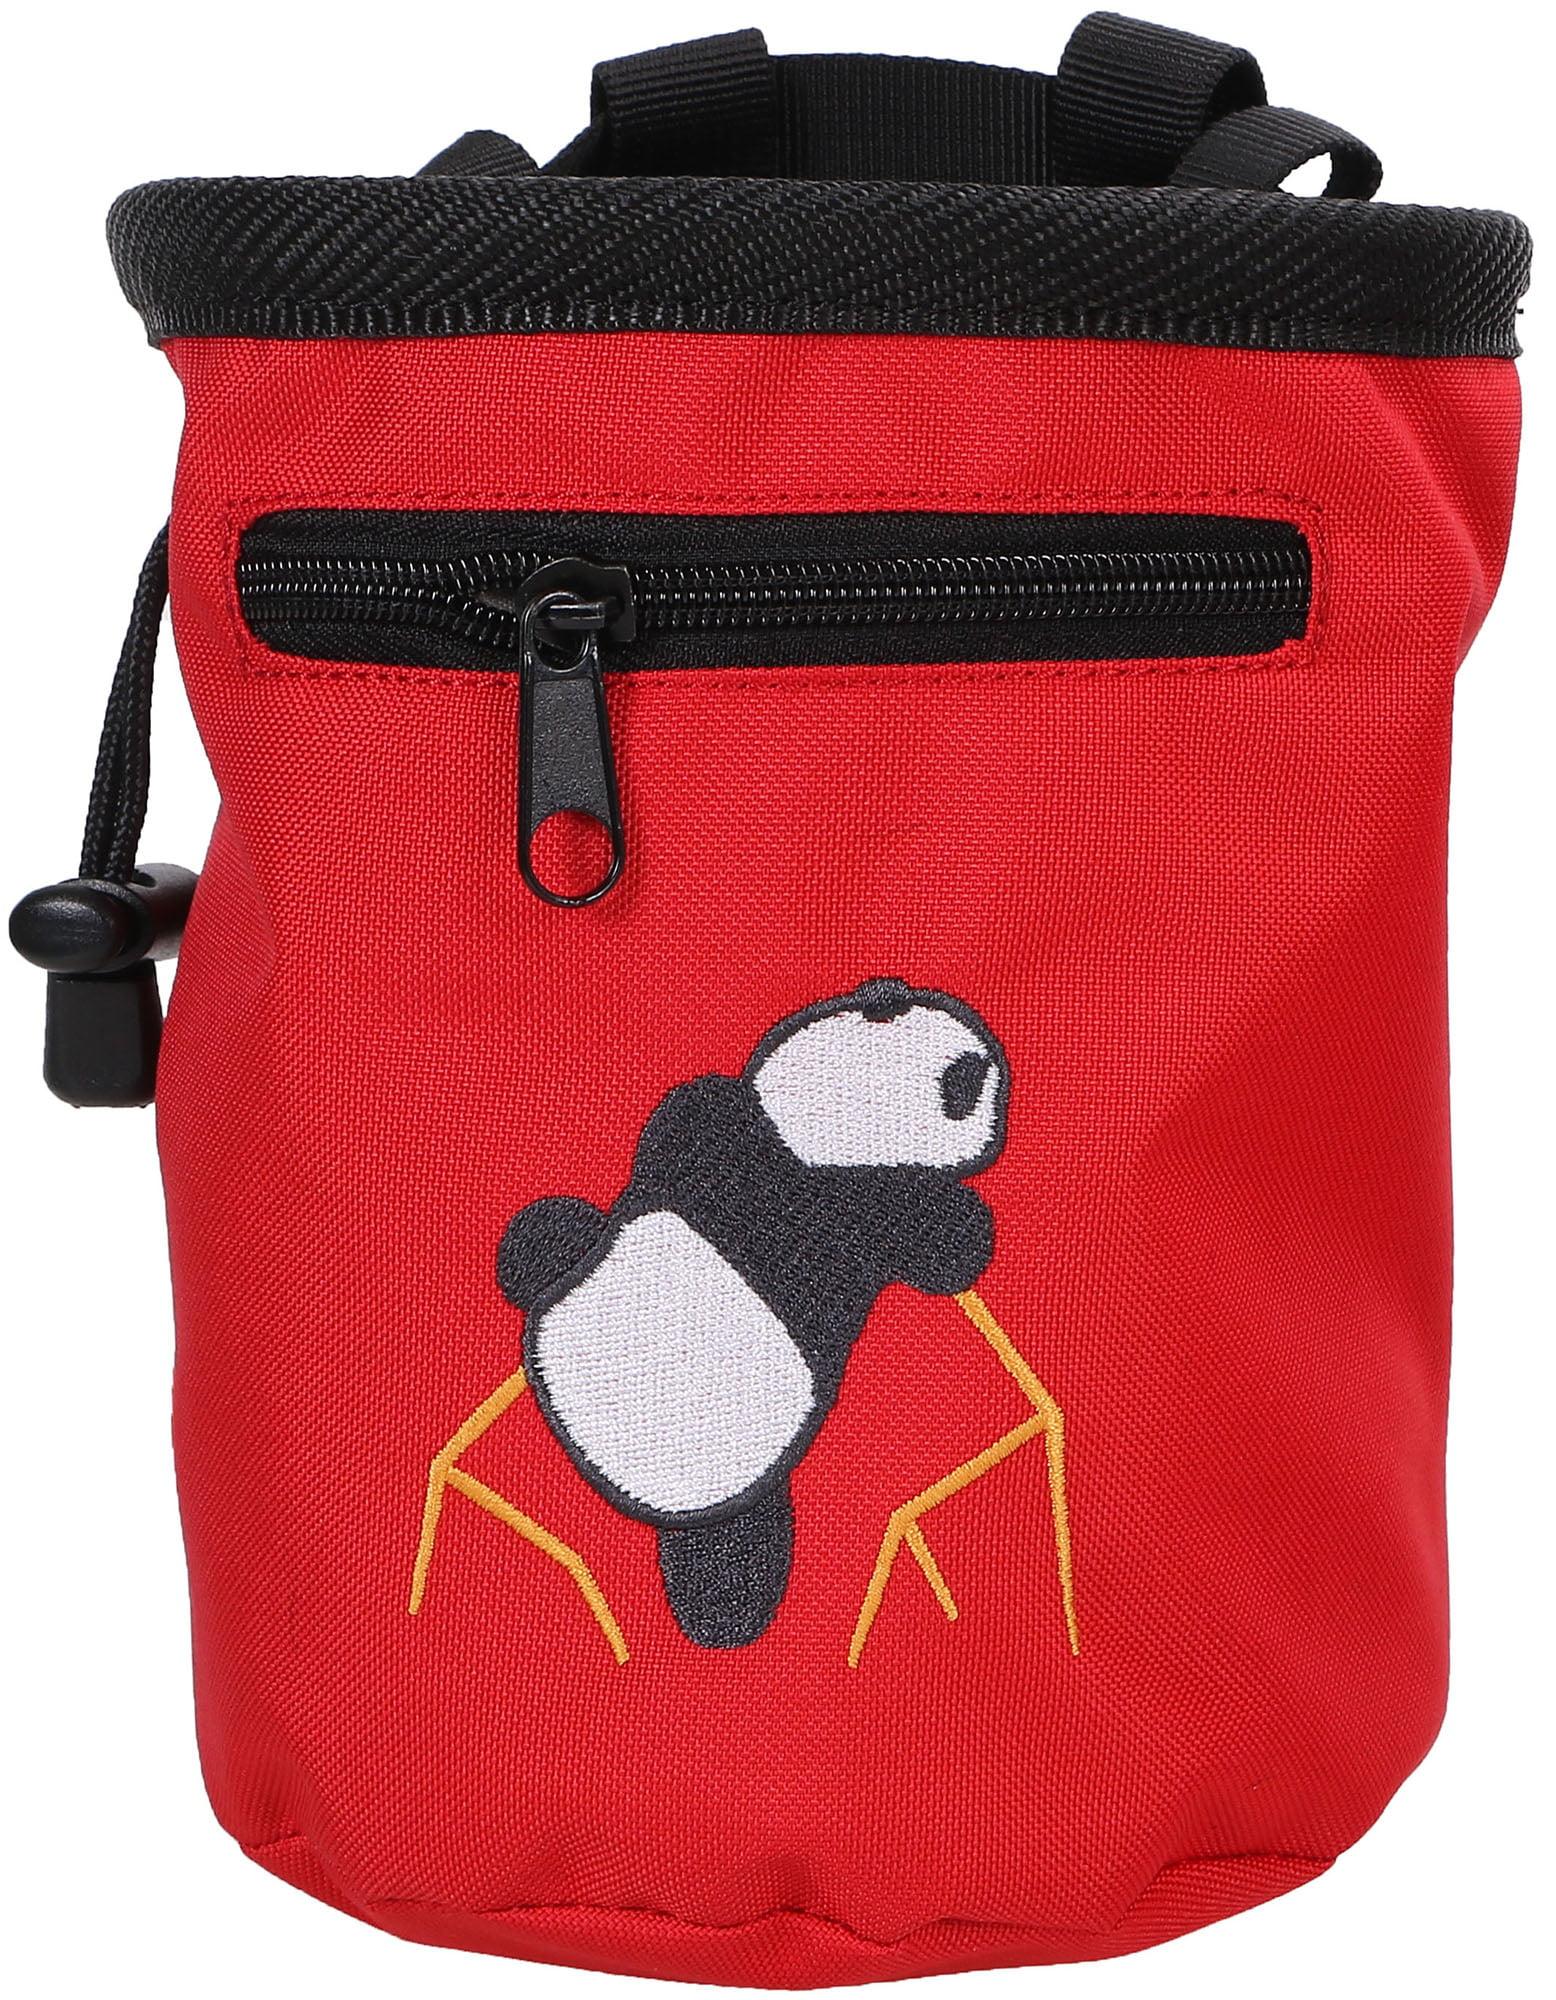 Amctm Rock Climbing Panda Bear Chalk Bag W Drawstring 7184 Red